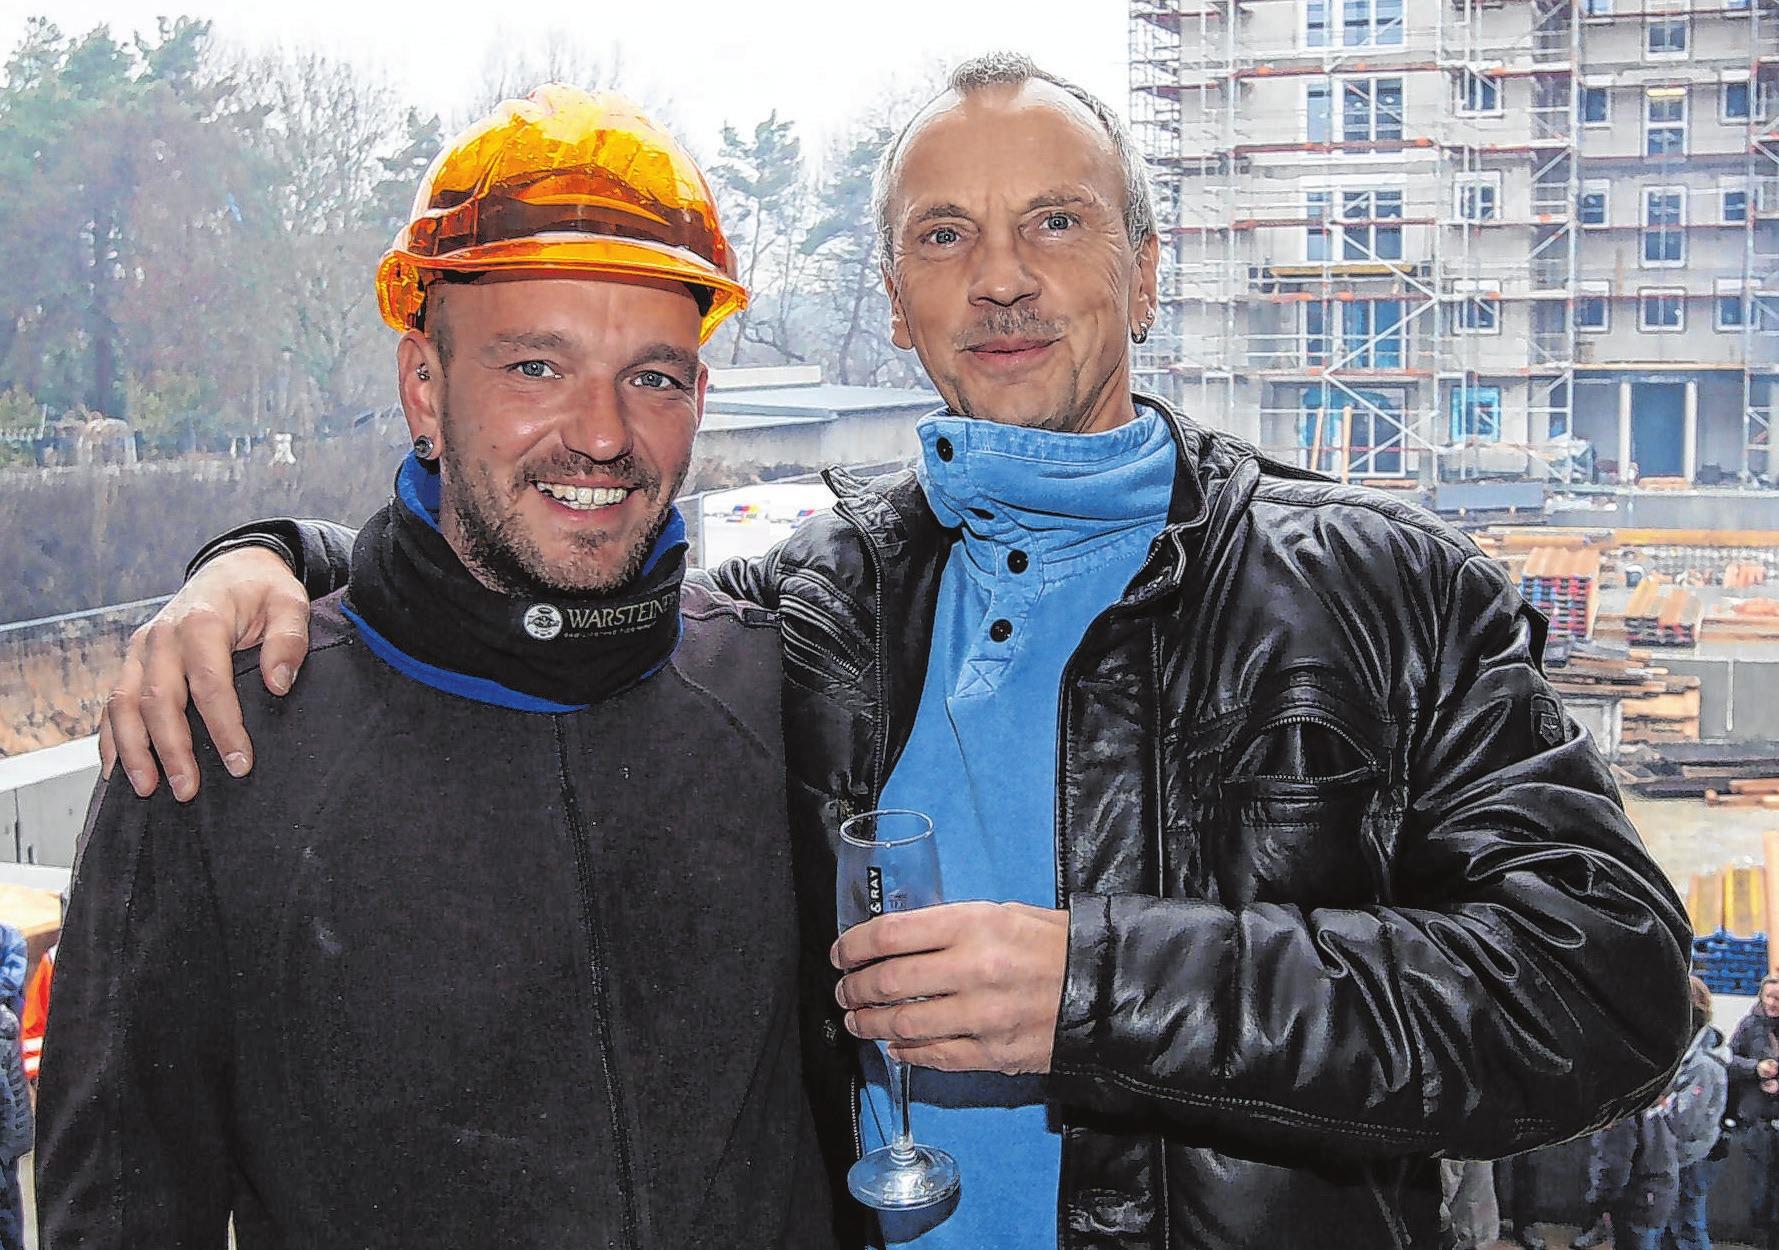 Haben gut lachen: Investor Guido Ney (r.), Bauunternehmer aus der Gemeinde Schorfheide, und sein Polier Roberto Hübner